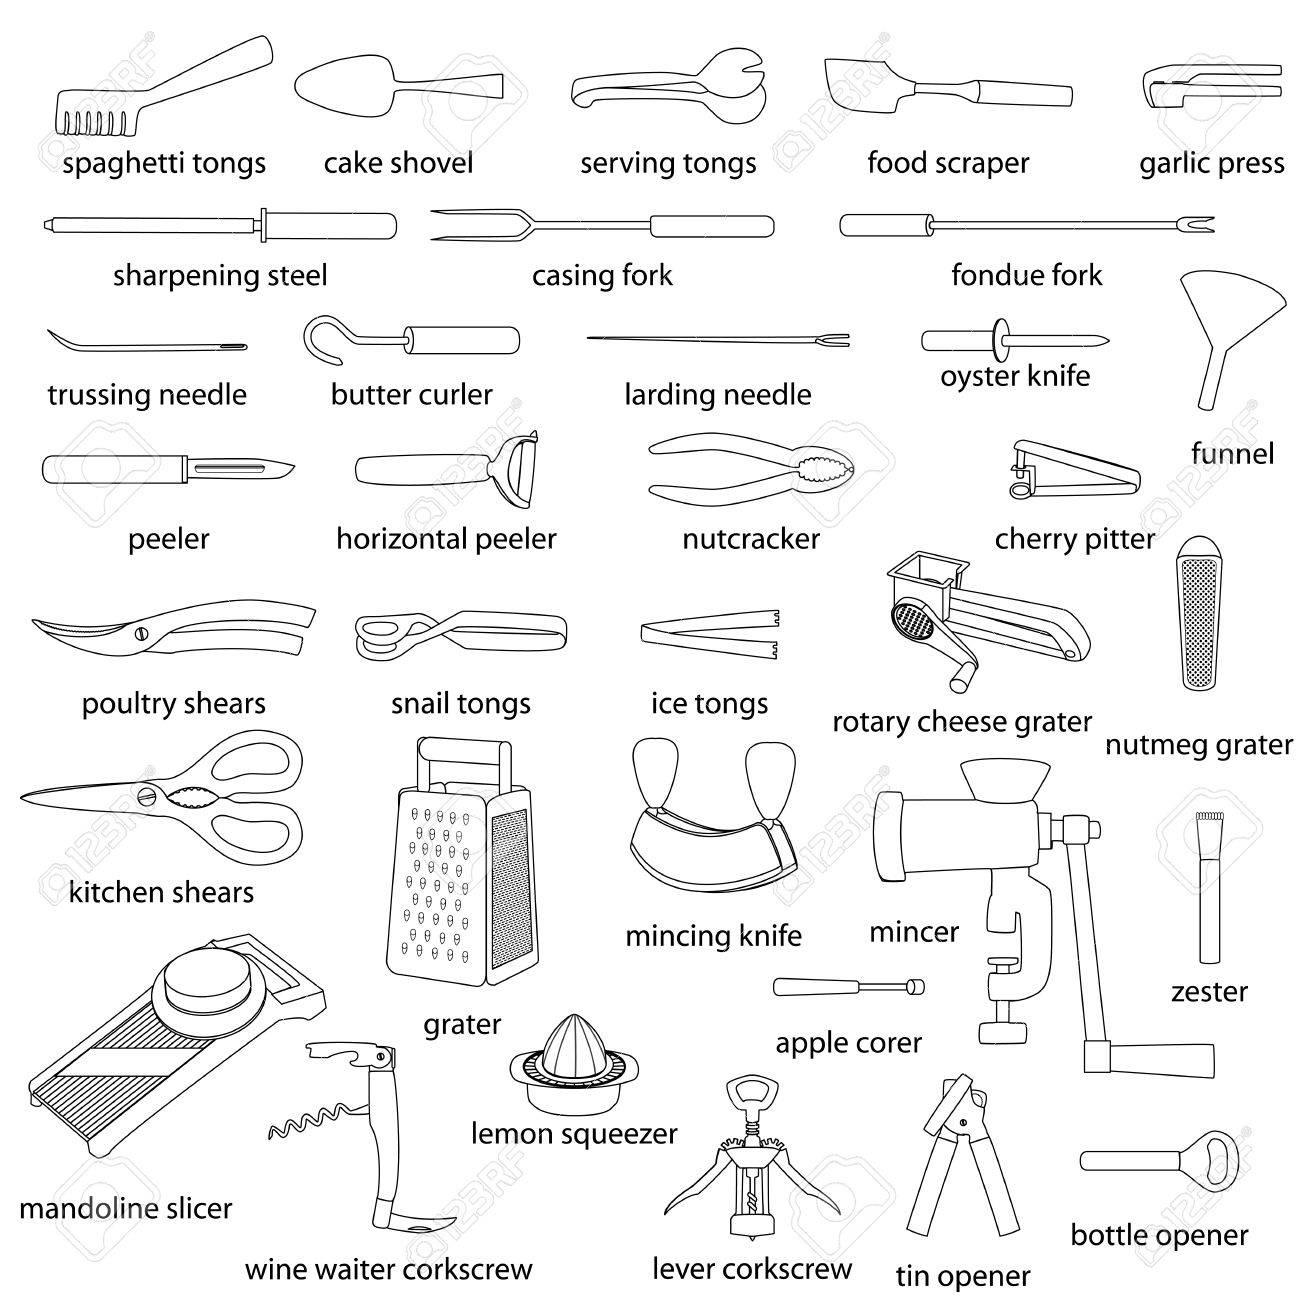 Wunderbar Weiße Küchengeräte Galerie - Küchenschrank Ideen ...